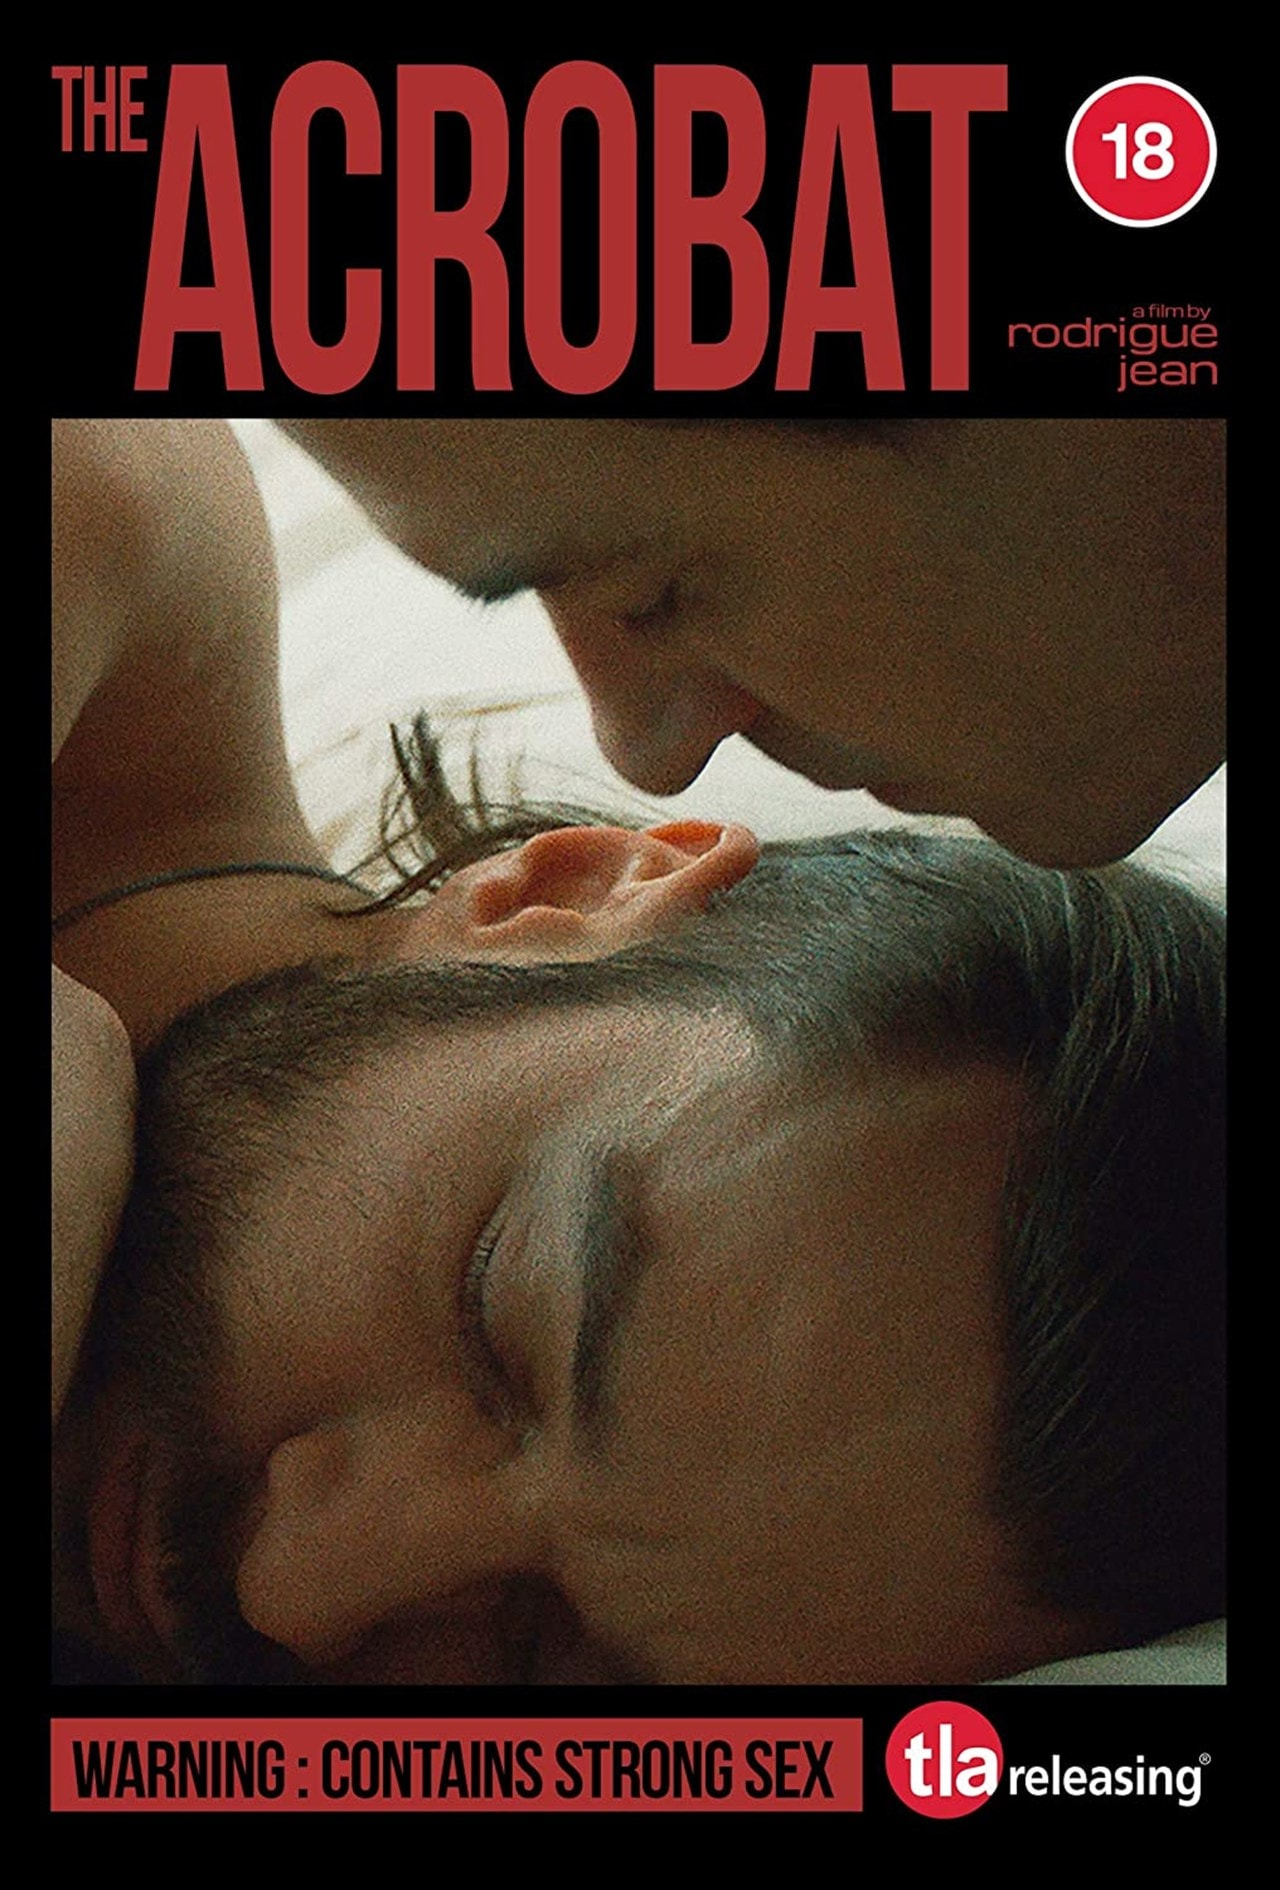 The Acrobat - 1